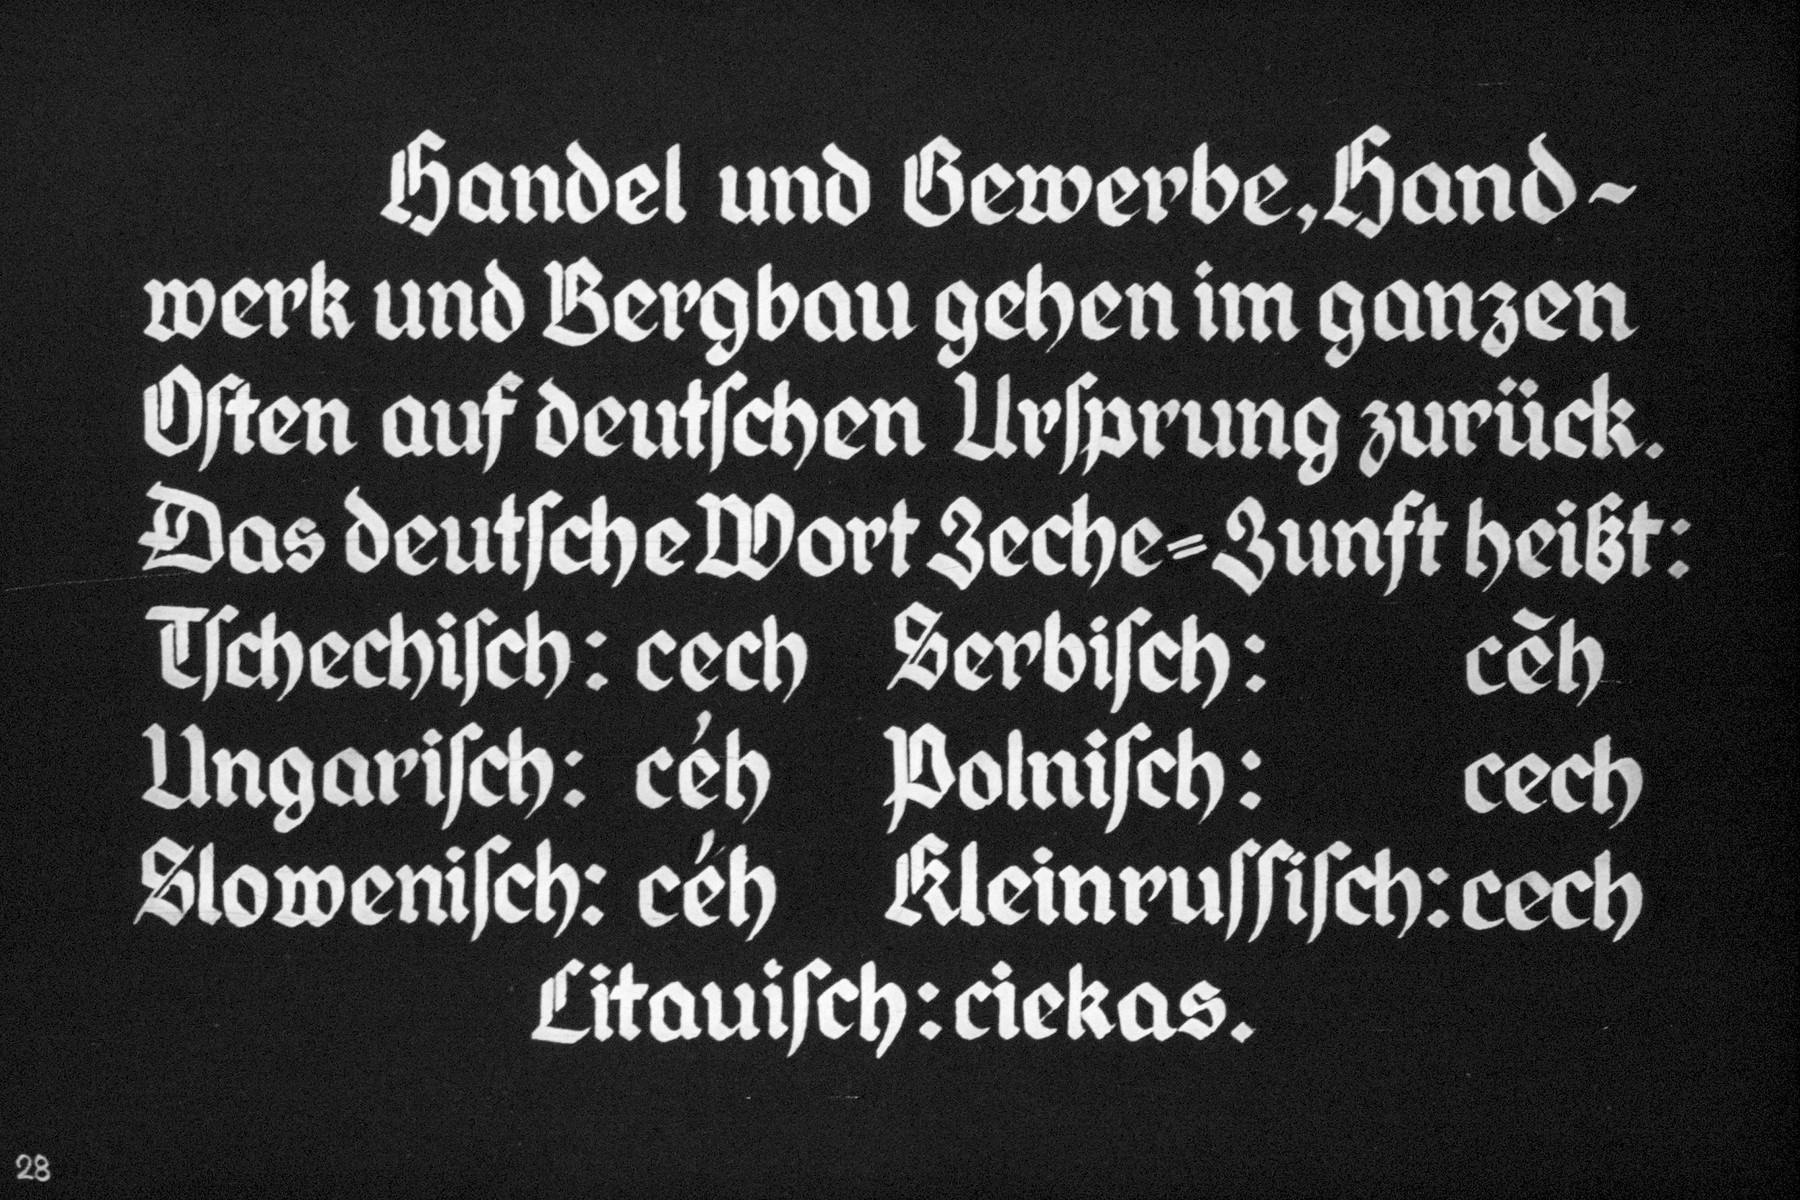 """28th Nazi propaganda slide of a Hitler Youth educational presentation entitled """"German Achievements in the East"""" (G 2)  Handel und Gewerbe, hand-werk und Bergbau gehen im ganzen Osten auf deutschen Ursprung zurück. Das deutsche Wort Zeche-Zunft heisst: Ishechisch: cech Serbisch: ceh Ungarisch:ceh Ponisch: cech Slowenisch: ceh Kleinrussisch:cech Litauisch: ciekas. // Trade and commerce, hand-work and mining go back to the entire East German origin. The German word for mine guild is: Ishechisch: cech Serbian: ceh Hungarian: ceh Ponisch: cech Slovenian: ceh Little Russian: cech Lithuanian: ciekas."""